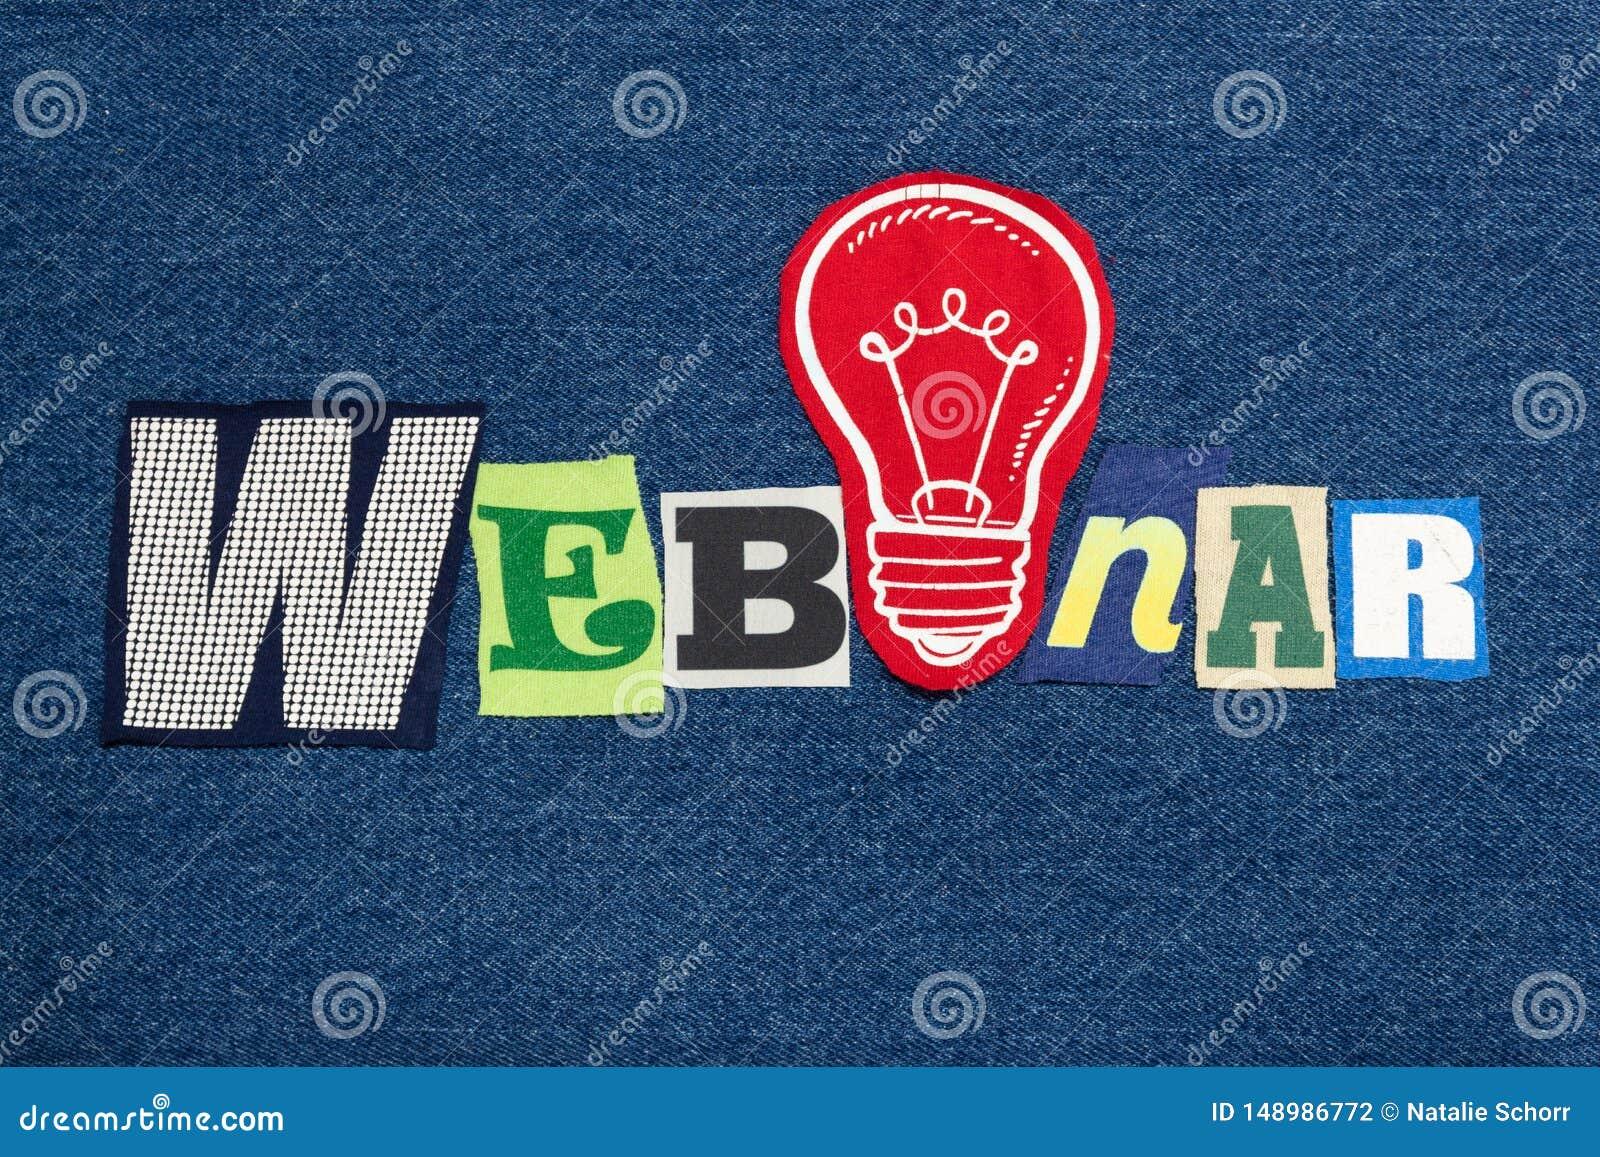 Colagem da palavra do texto de WEBINAR, tela colorida na sarja de Nimes azul, conceito do semin?rio da ideia do neg?cio